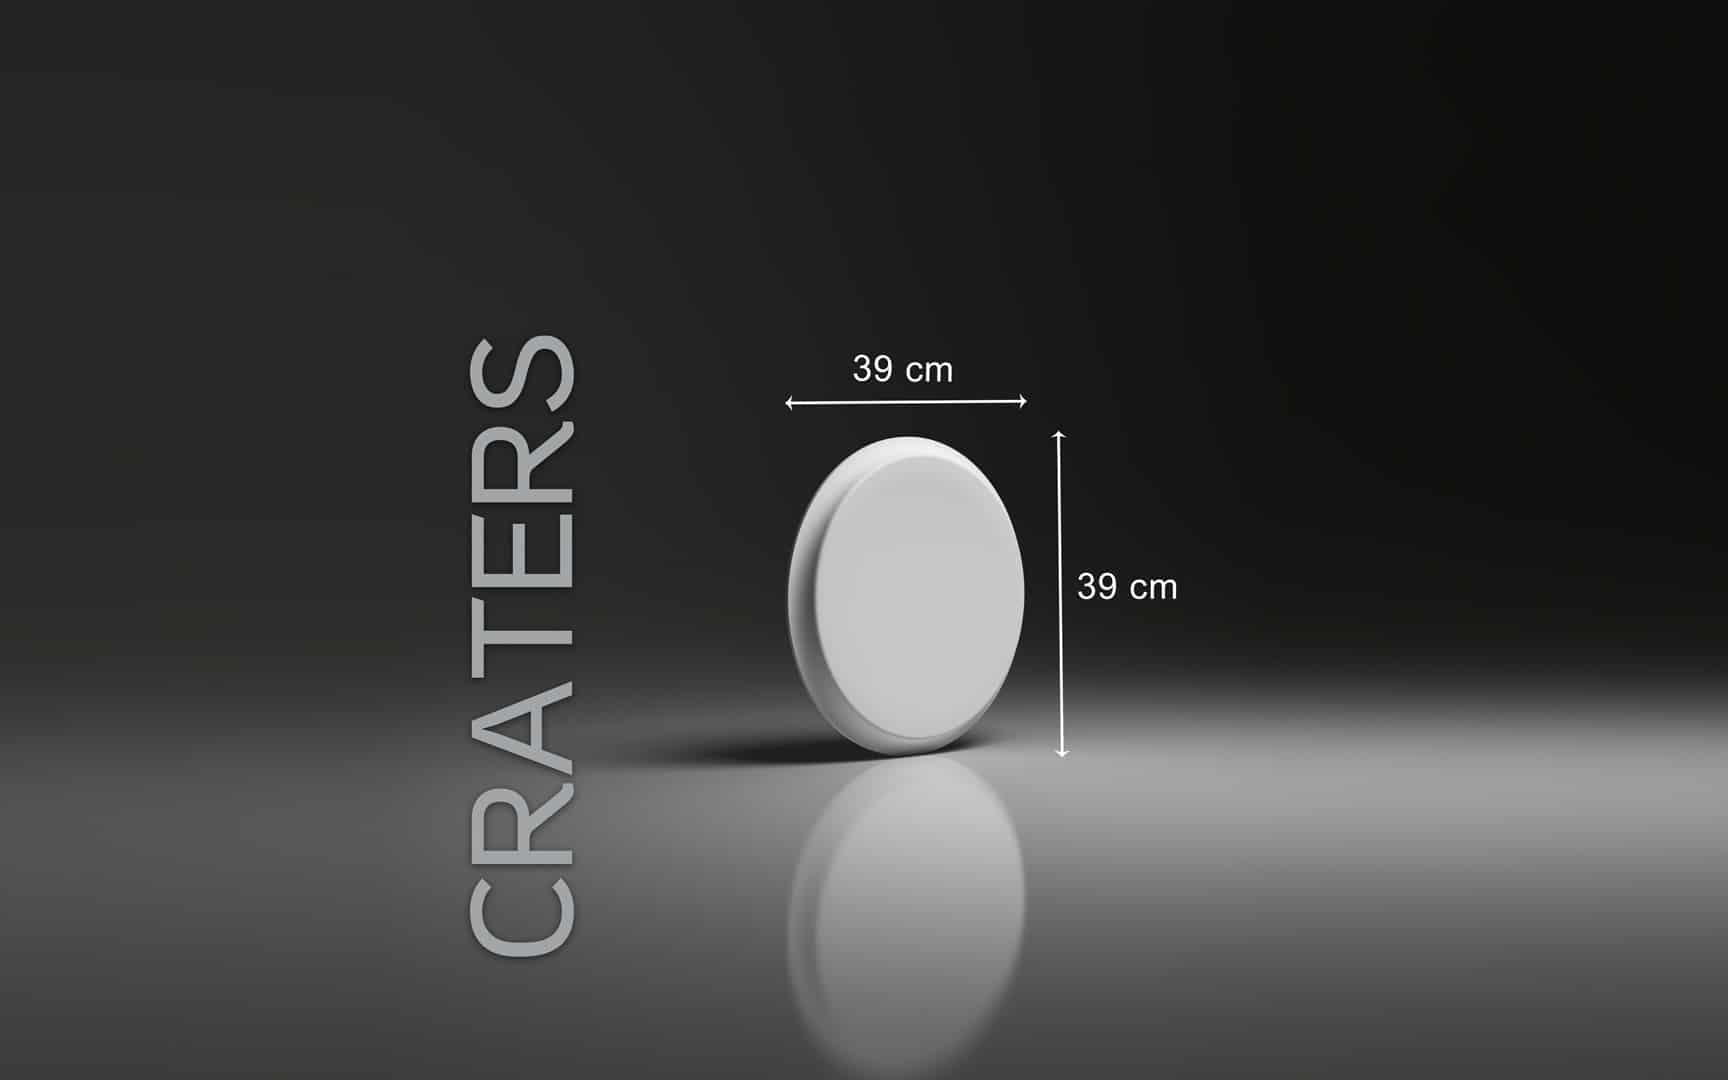 CRATERS DIMENSIONS : diamètre 39 cm ÉPAISSEUR : 3,5 cm POIDS : environ 2 kg